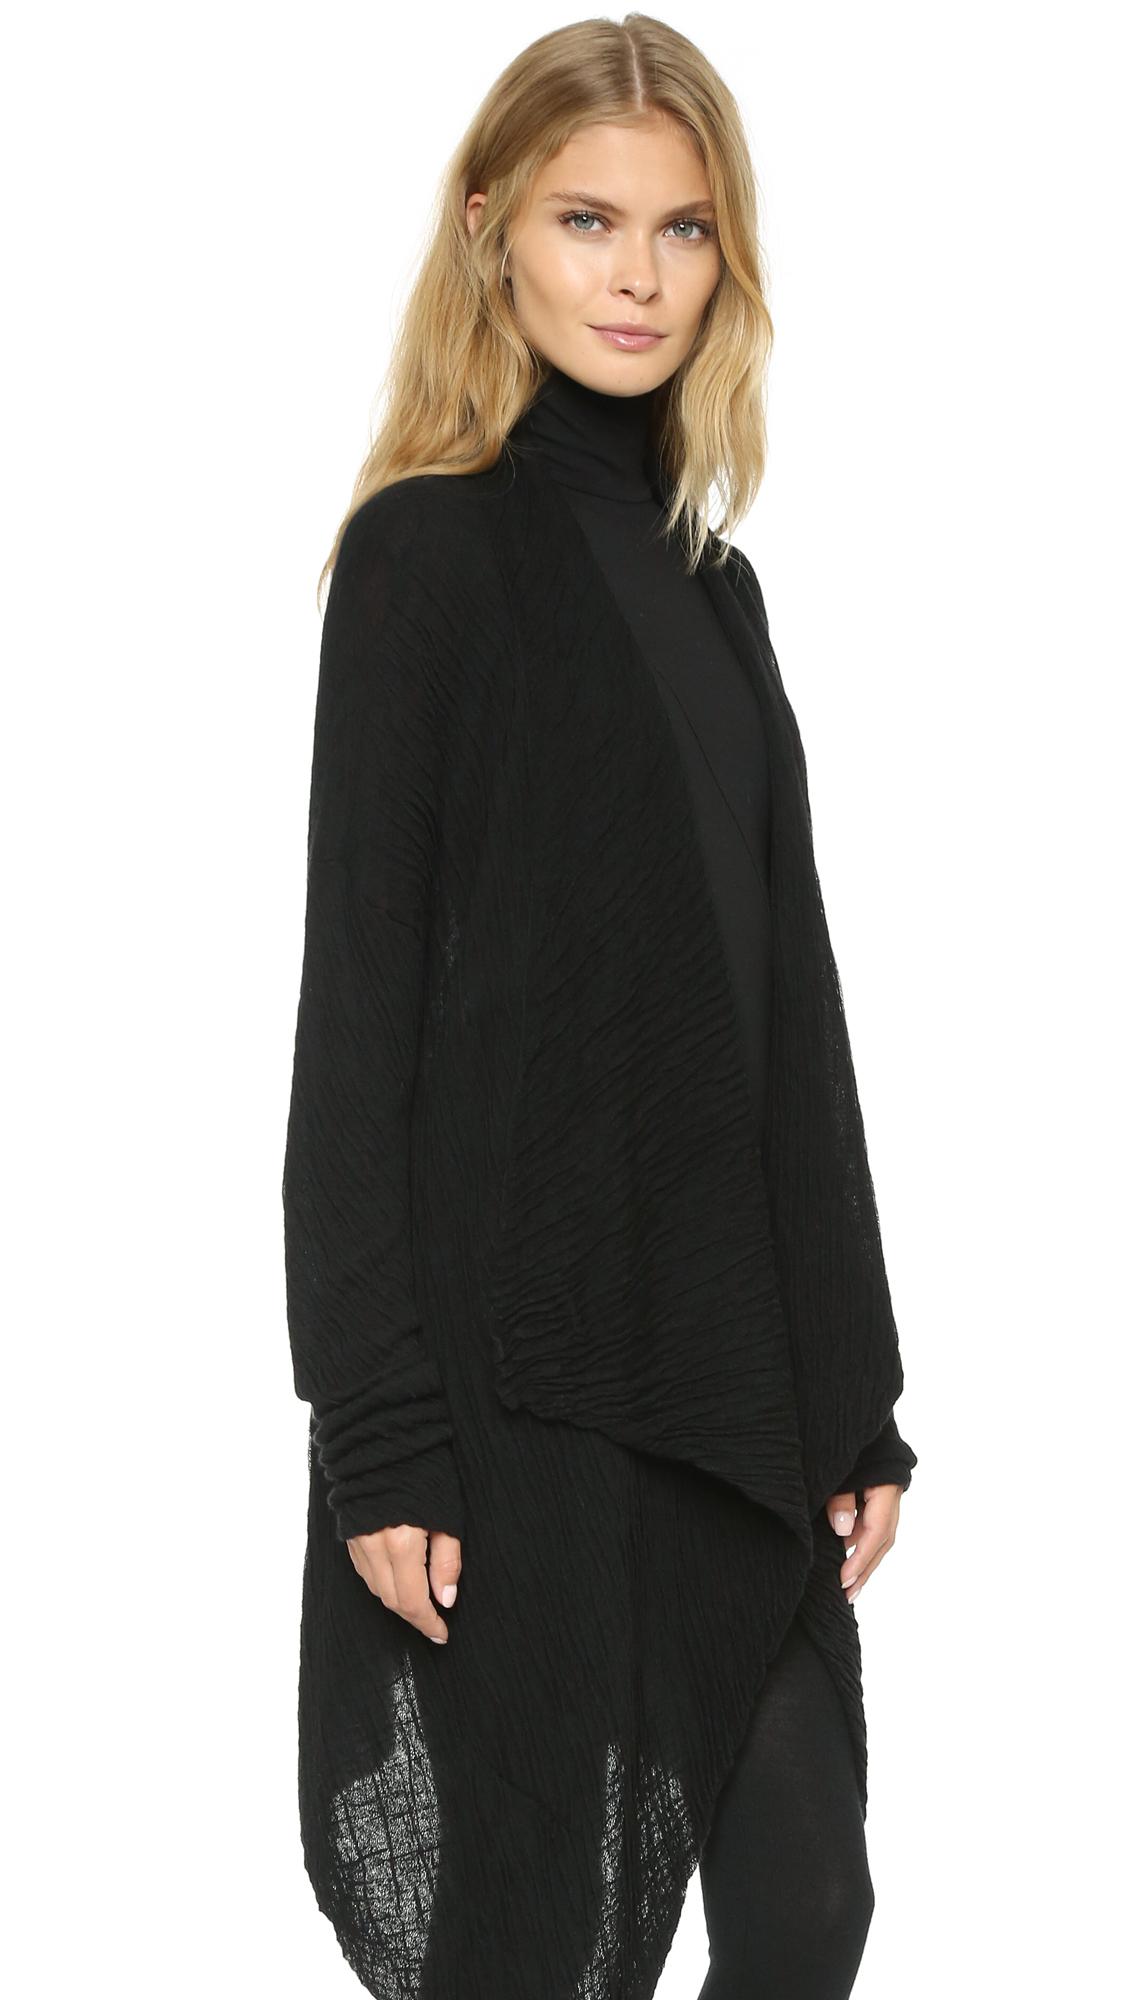 donna karan cozy cashmere cardigan black in black lyst. Black Bedroom Furniture Sets. Home Design Ideas